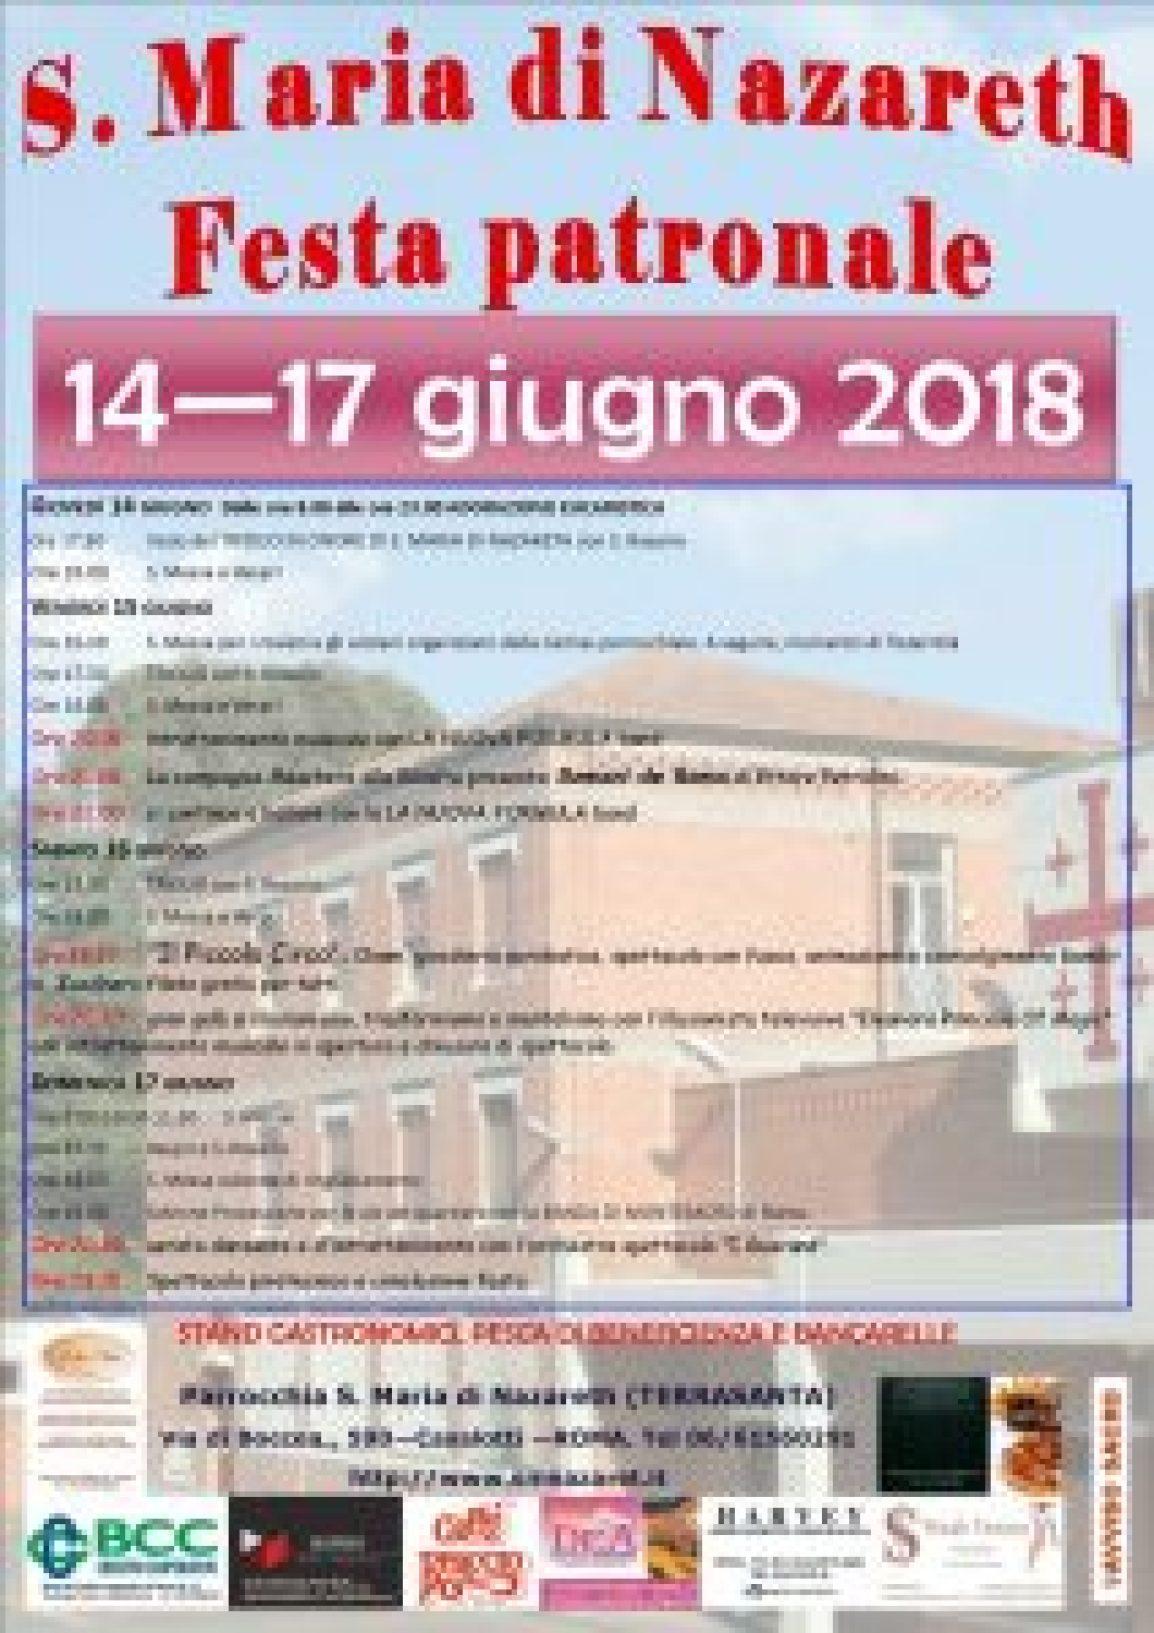 Festa Patronale 14-17 giugno 2018